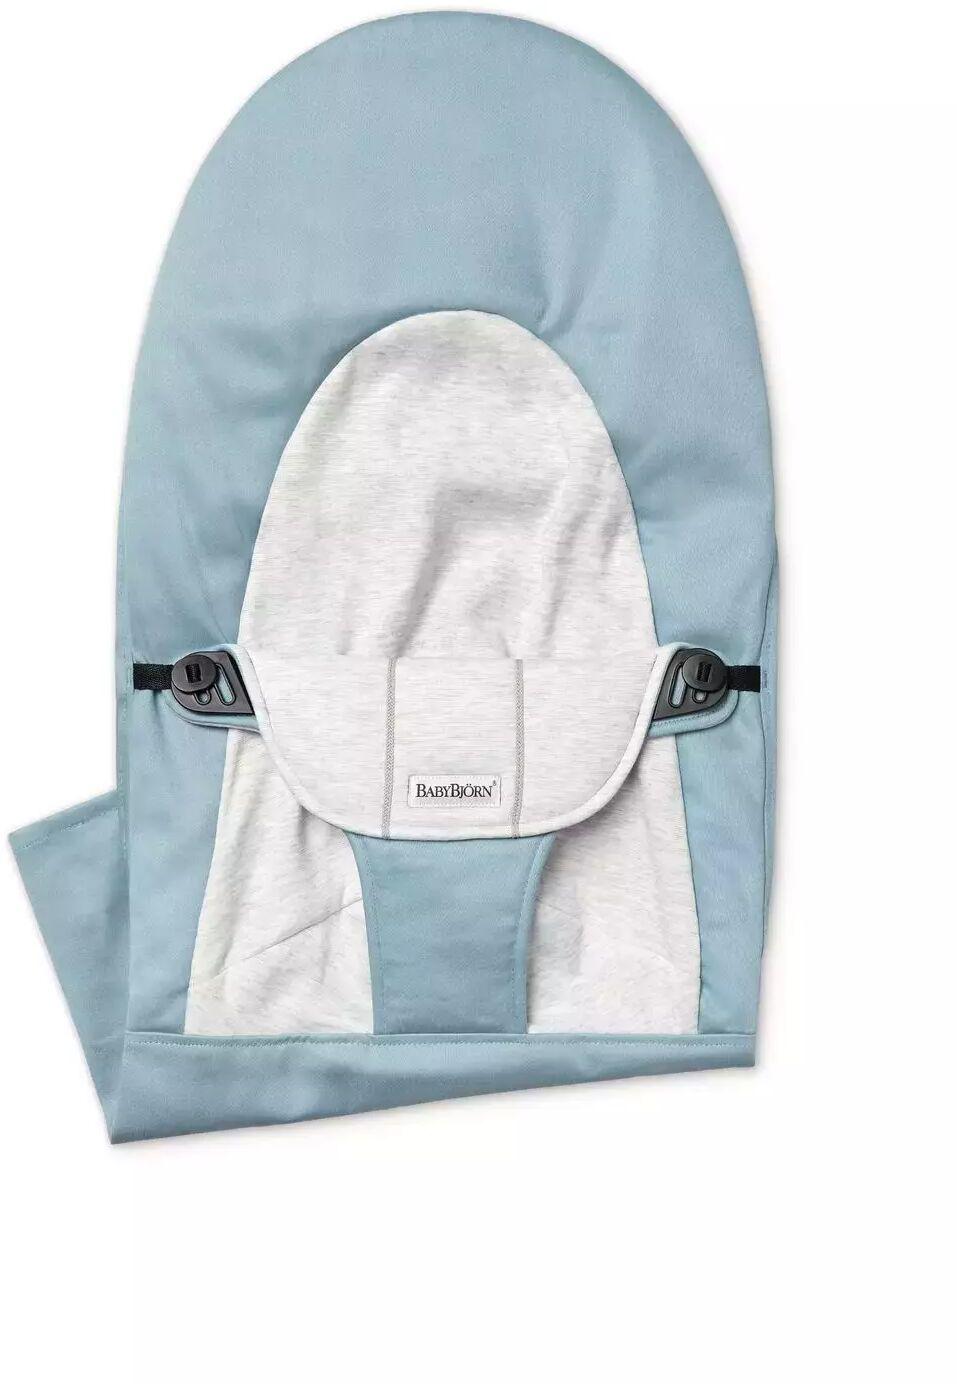 BABYBJORN - poszycie do leżaczka Balance Soft, Blue/Grey, Cotton/Jersey